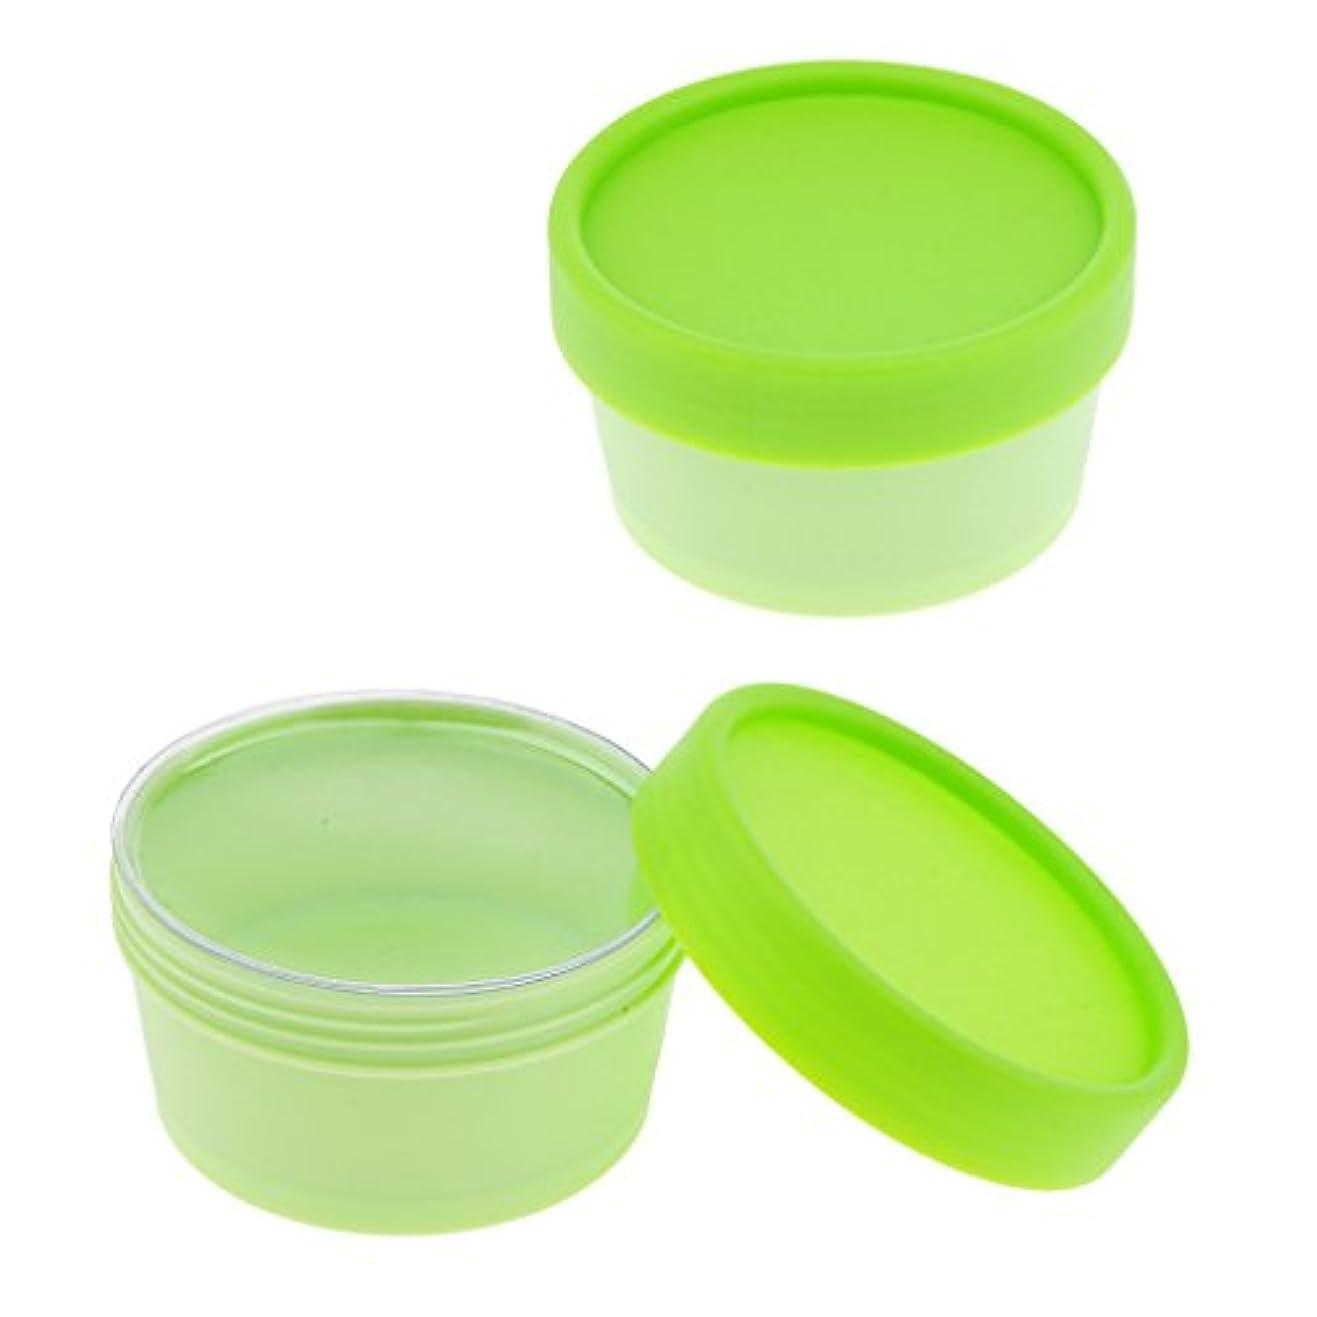 ミシンセブン歴史2xメイクアップジャー、蓋付き粉クリーム貯蔵化粧品容器50g - 緑